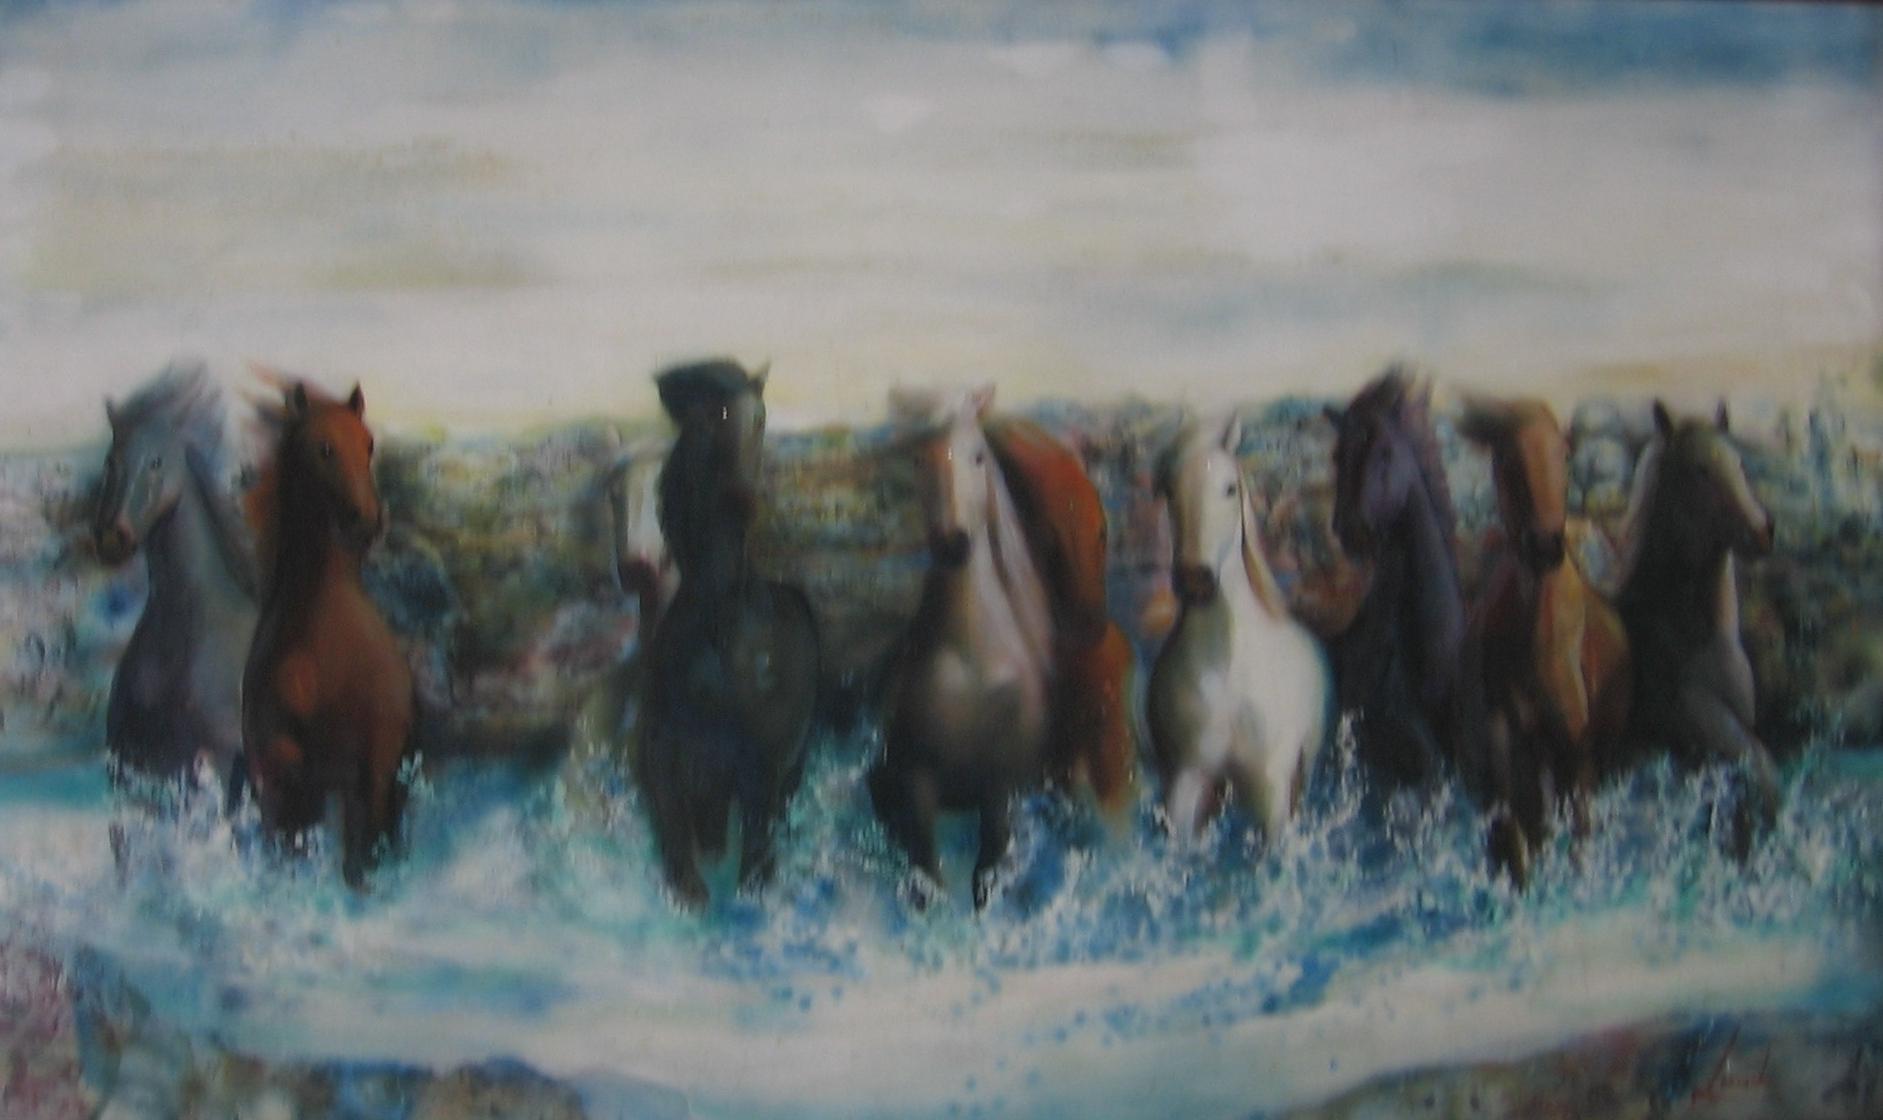 caballos congelados en la conquista de unas tierras trasquiladas por